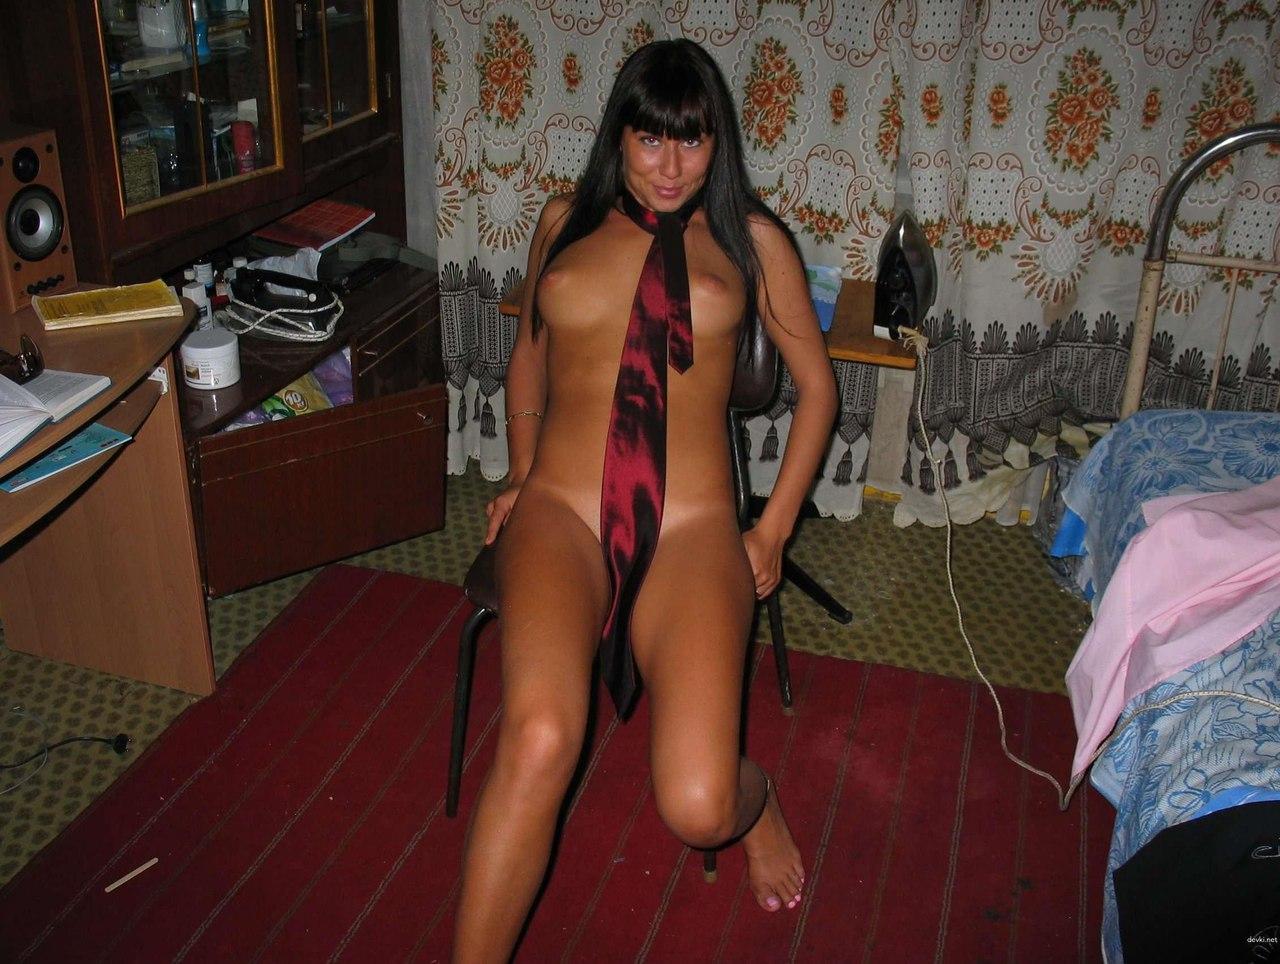 Фото частное порно девушек из саратова видео лесби отработала